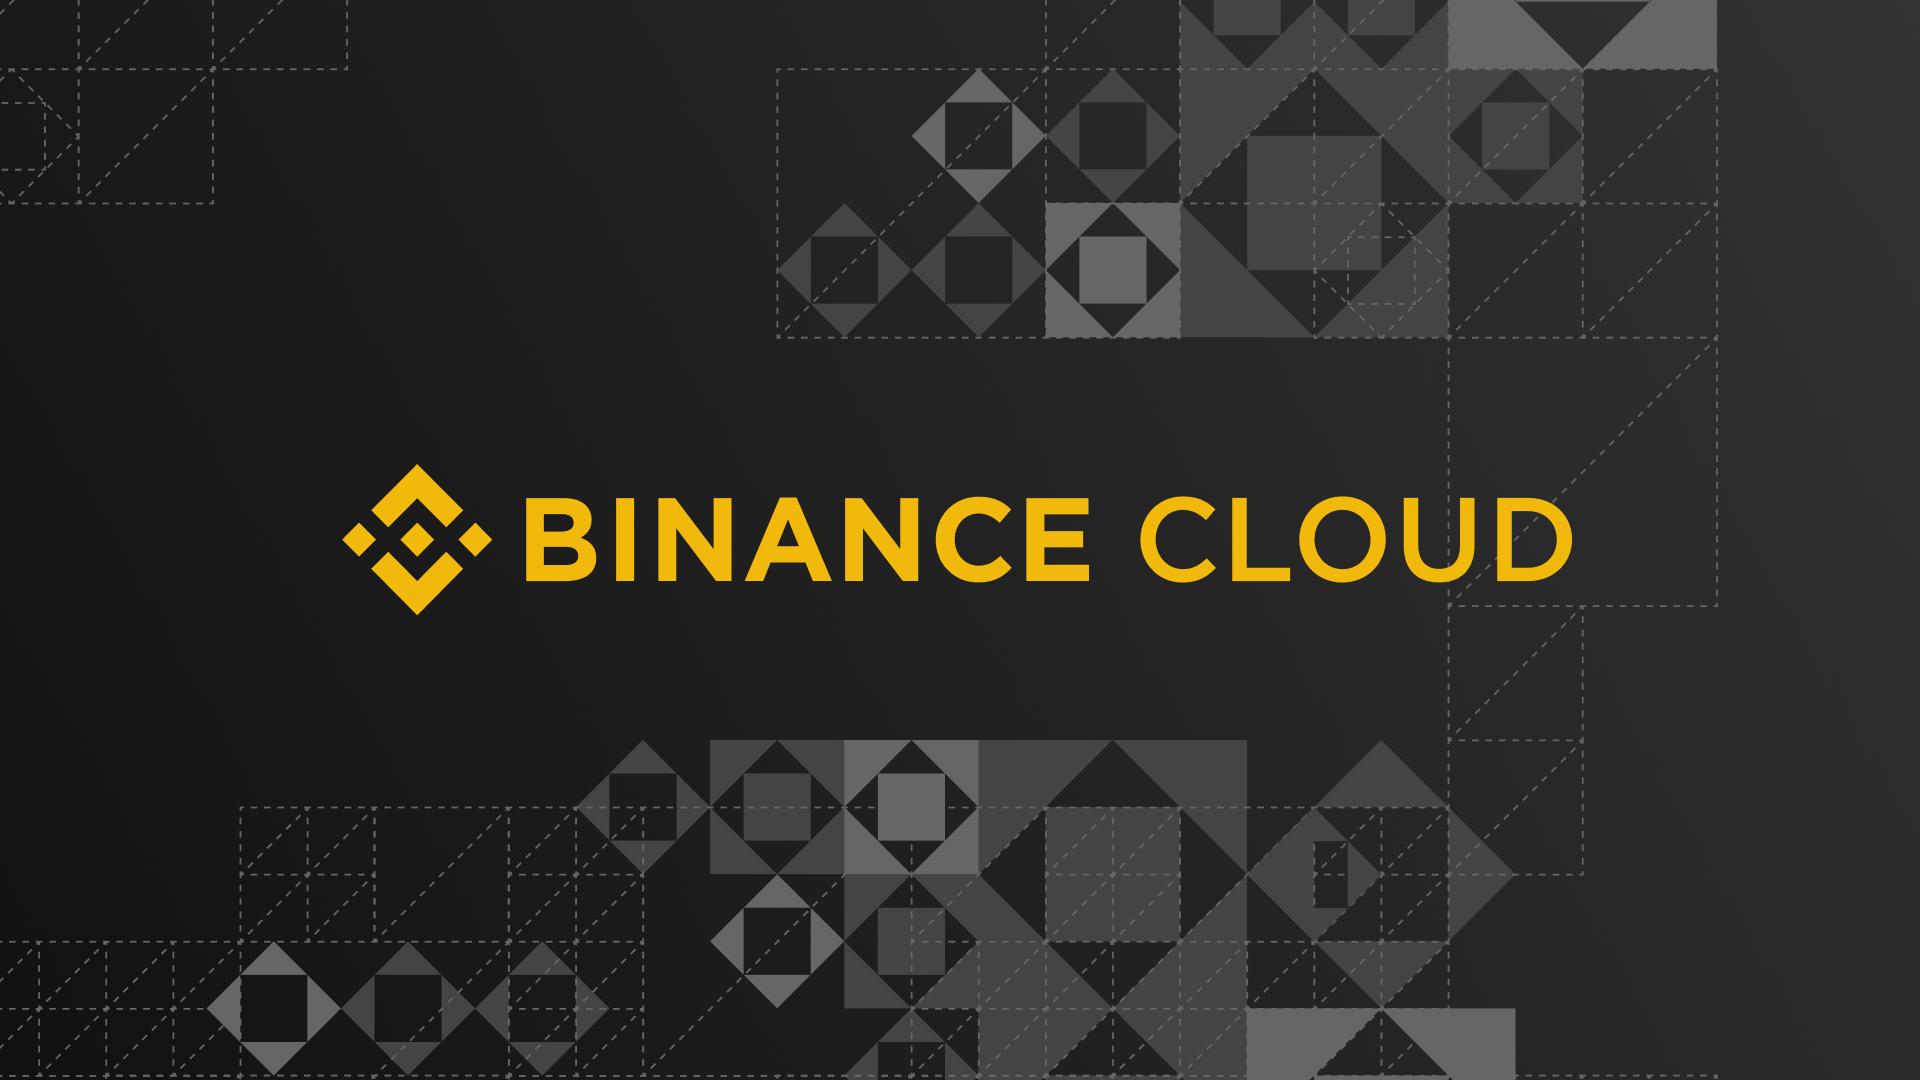 Binance công bố giải pháp đám mây B2B2C để ra mắt nền tảng giao dịch tài sản kỹ thuật số